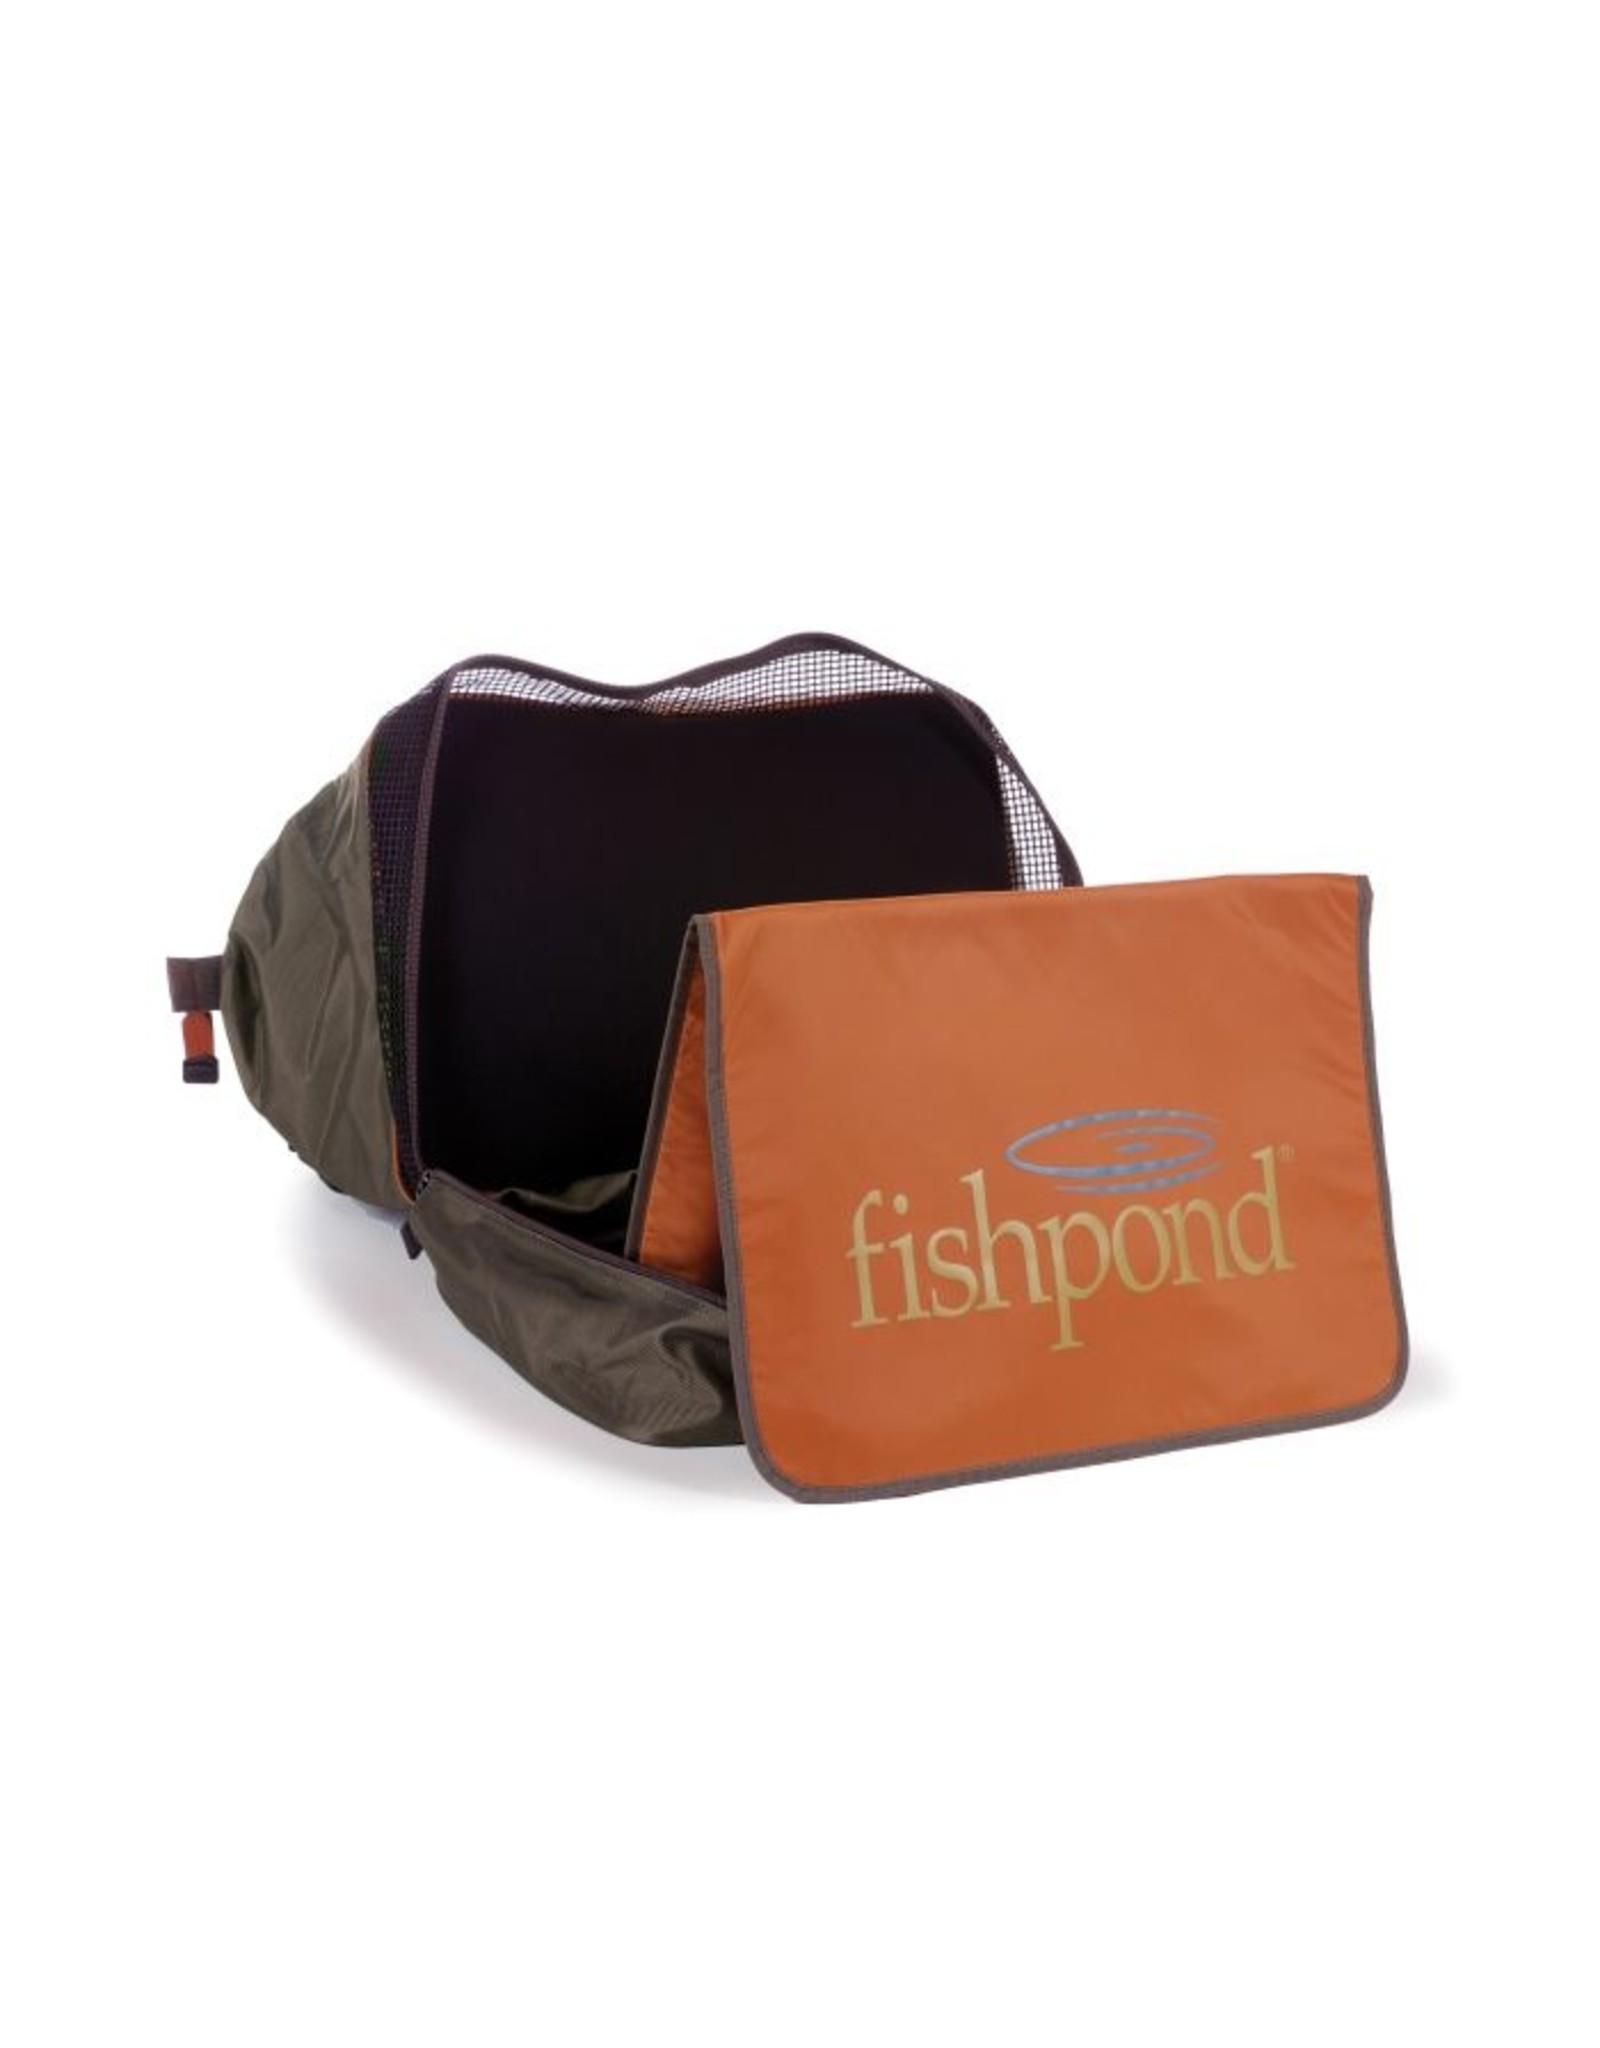 Fishpond Fishpond - Cimarron Wader/Duffel